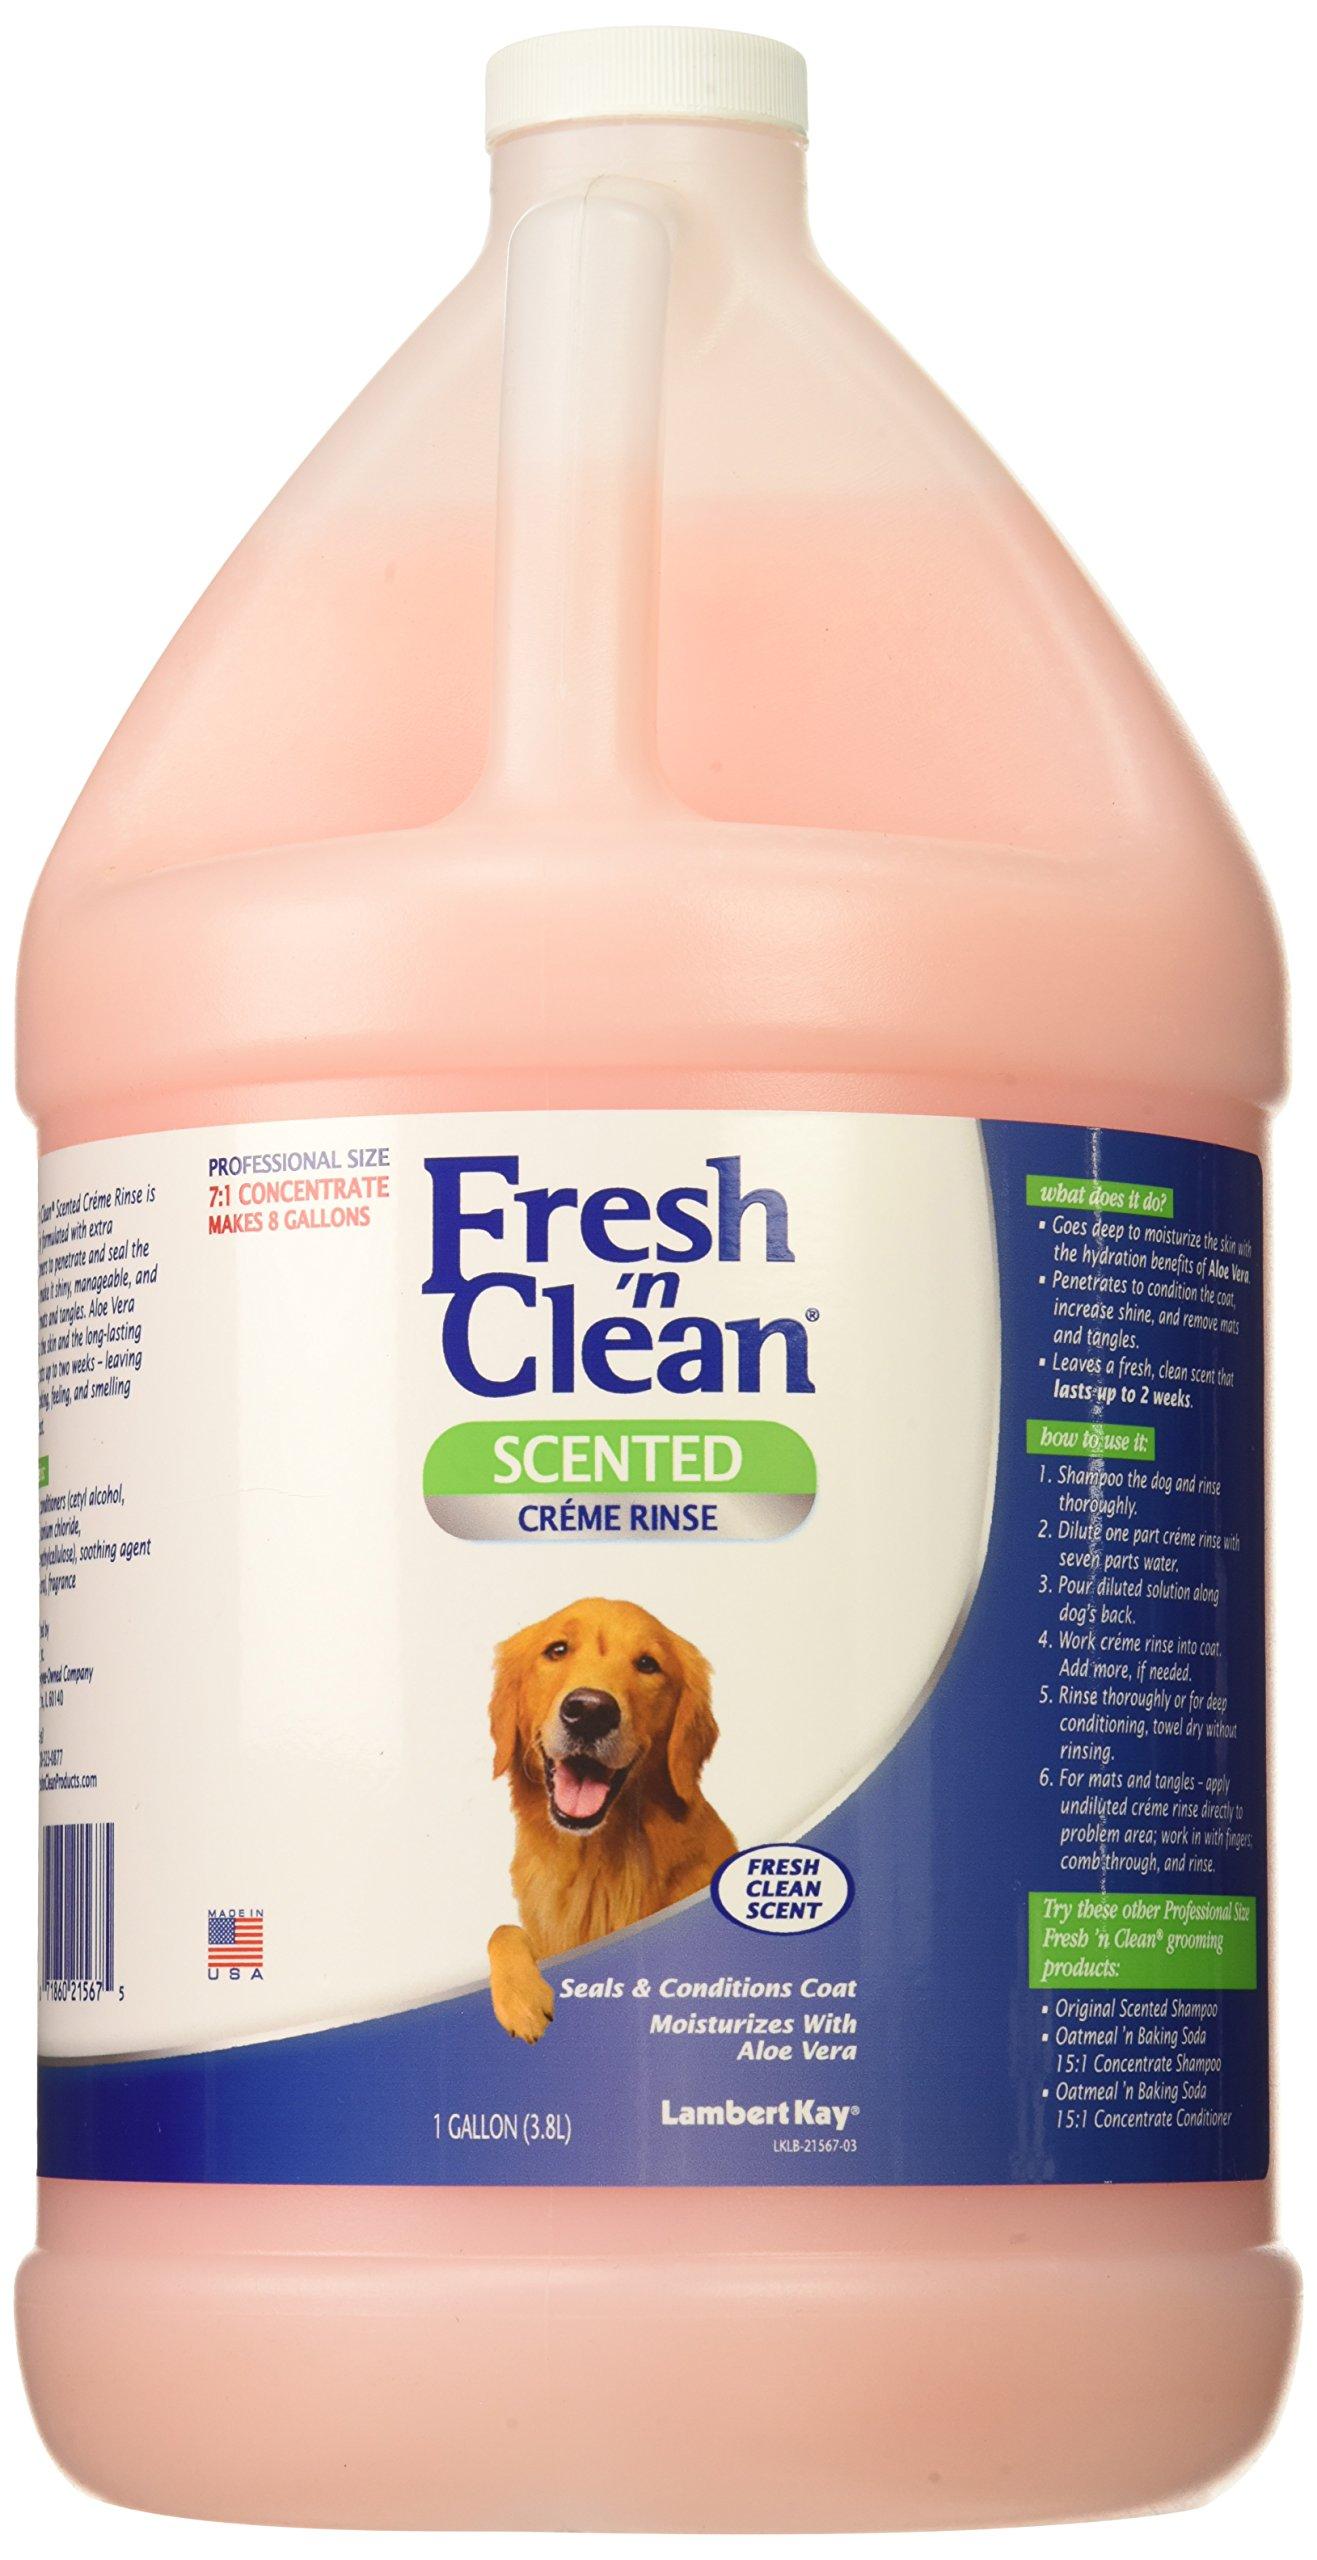 Lambert Kay Fresh N Clean Creme Rinse